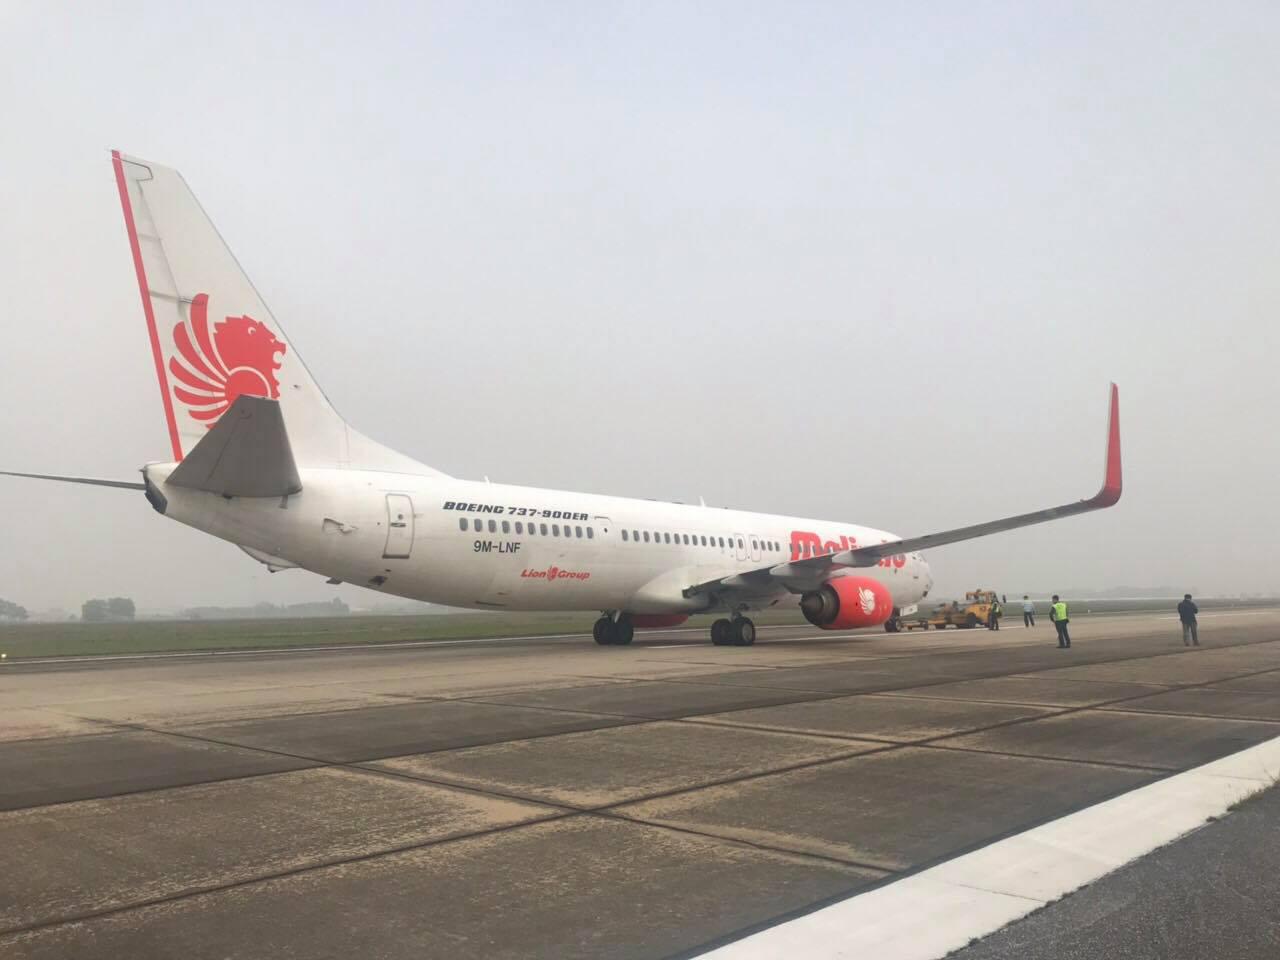 Hình ảnh máy bay đỗ ở sân bay